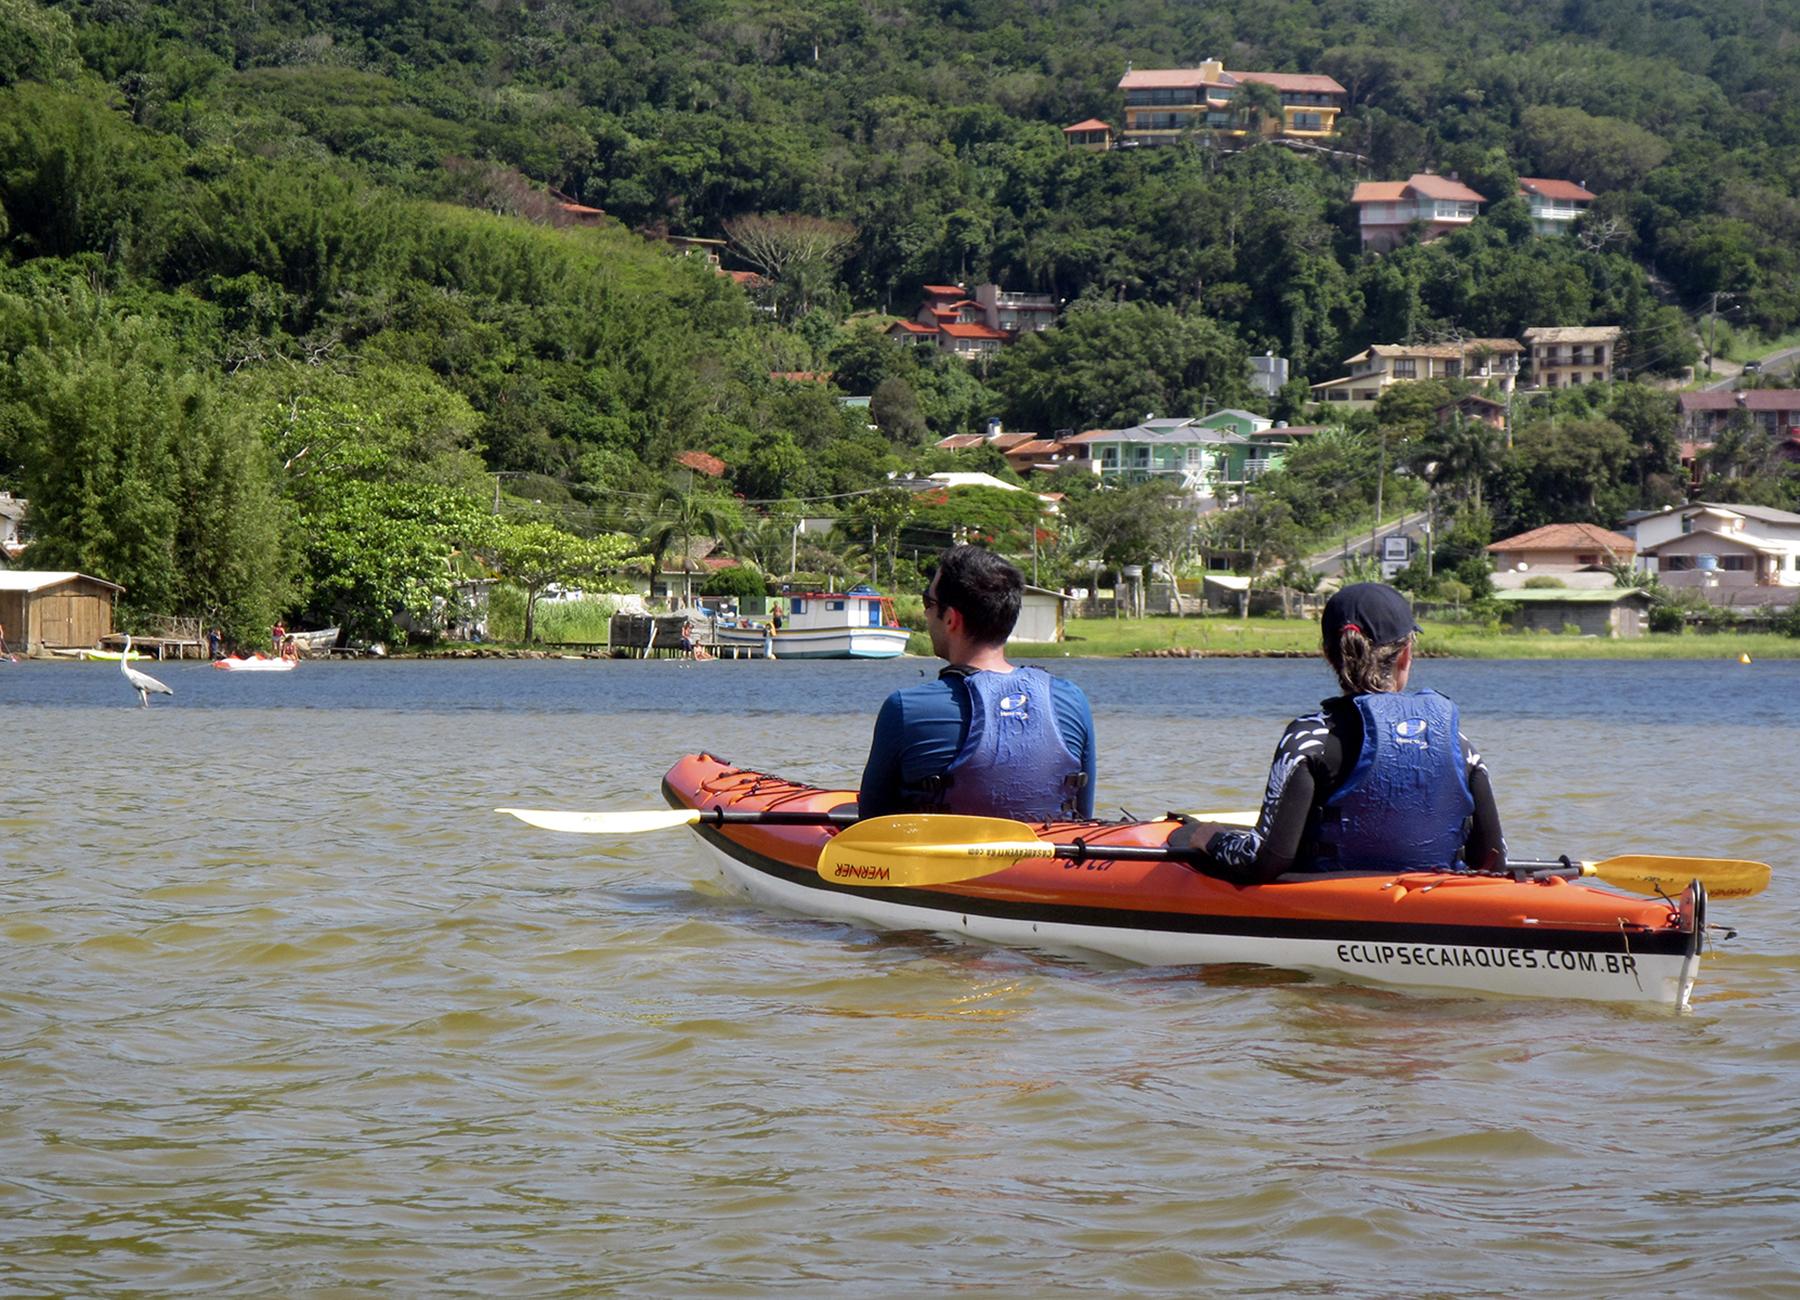 canoagem-lagoa-da-conceicao-canal-da-barra-florianopolis-sc